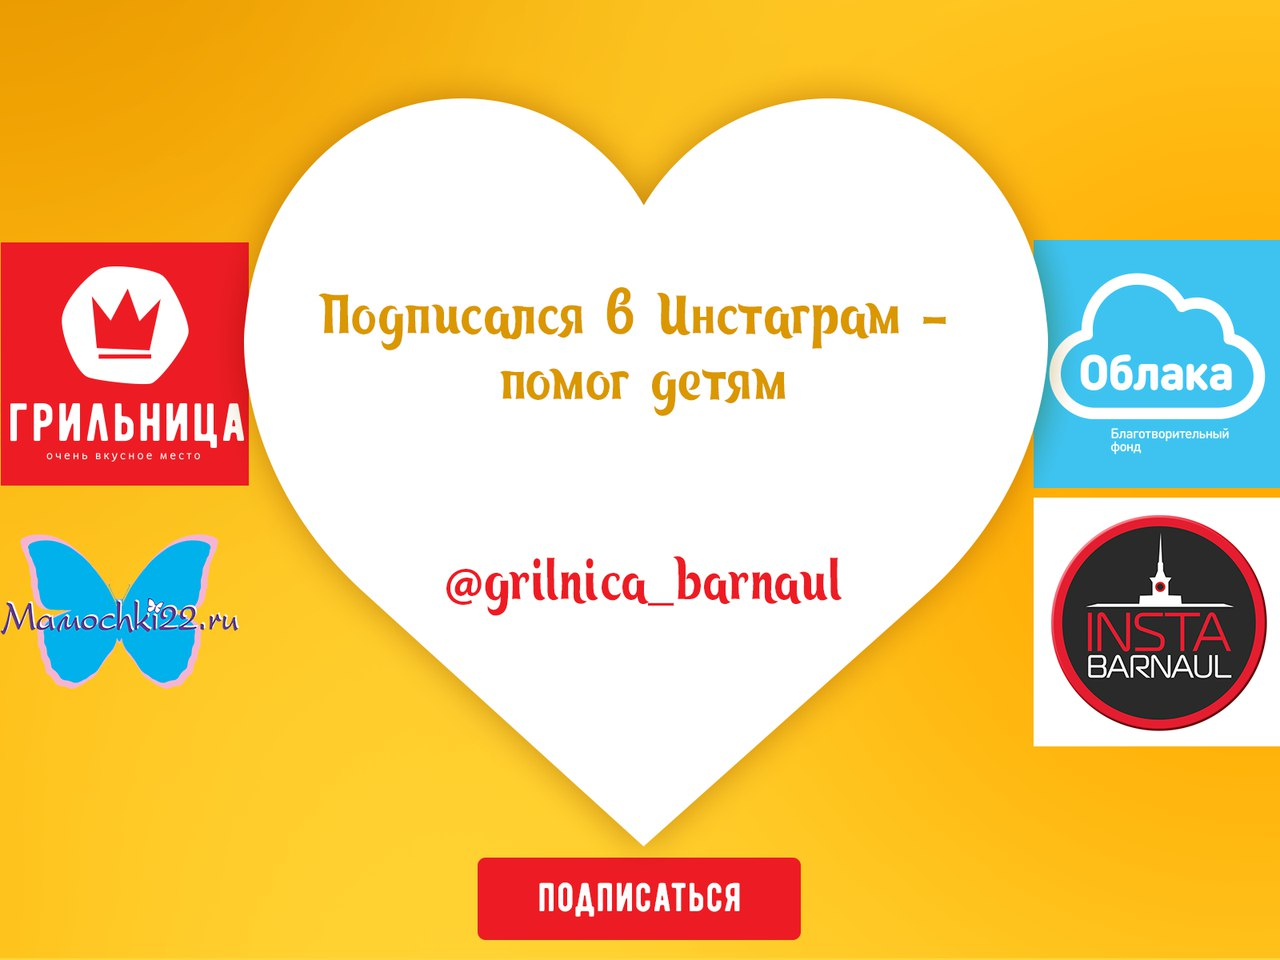 Участвуй в акции, помогай детям, получи подарок от Грильницы!